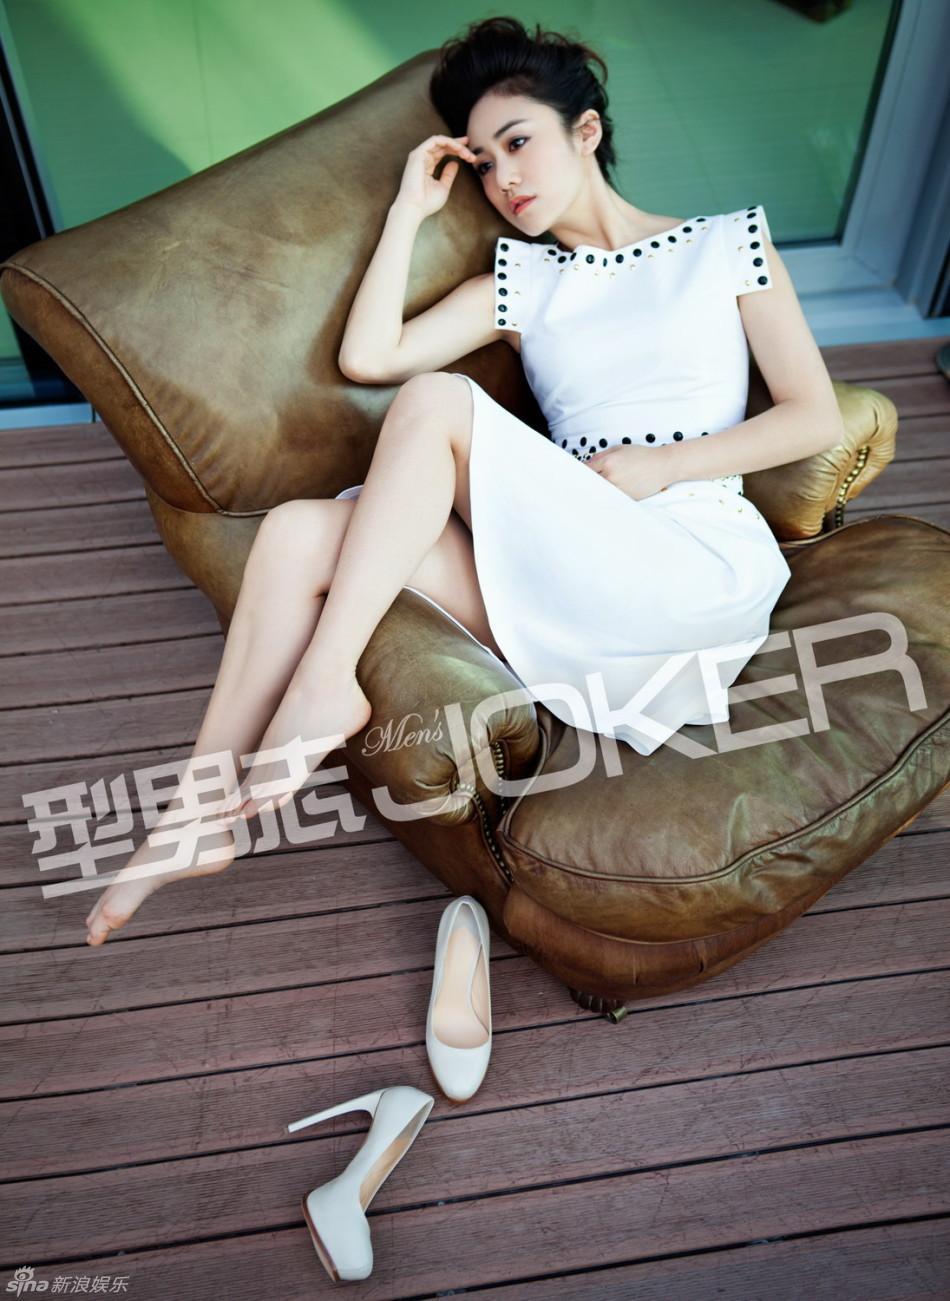 http://www.sinaimg.cn/dy/slidenews/4_img/2013_20/704_968159_354991.jpg